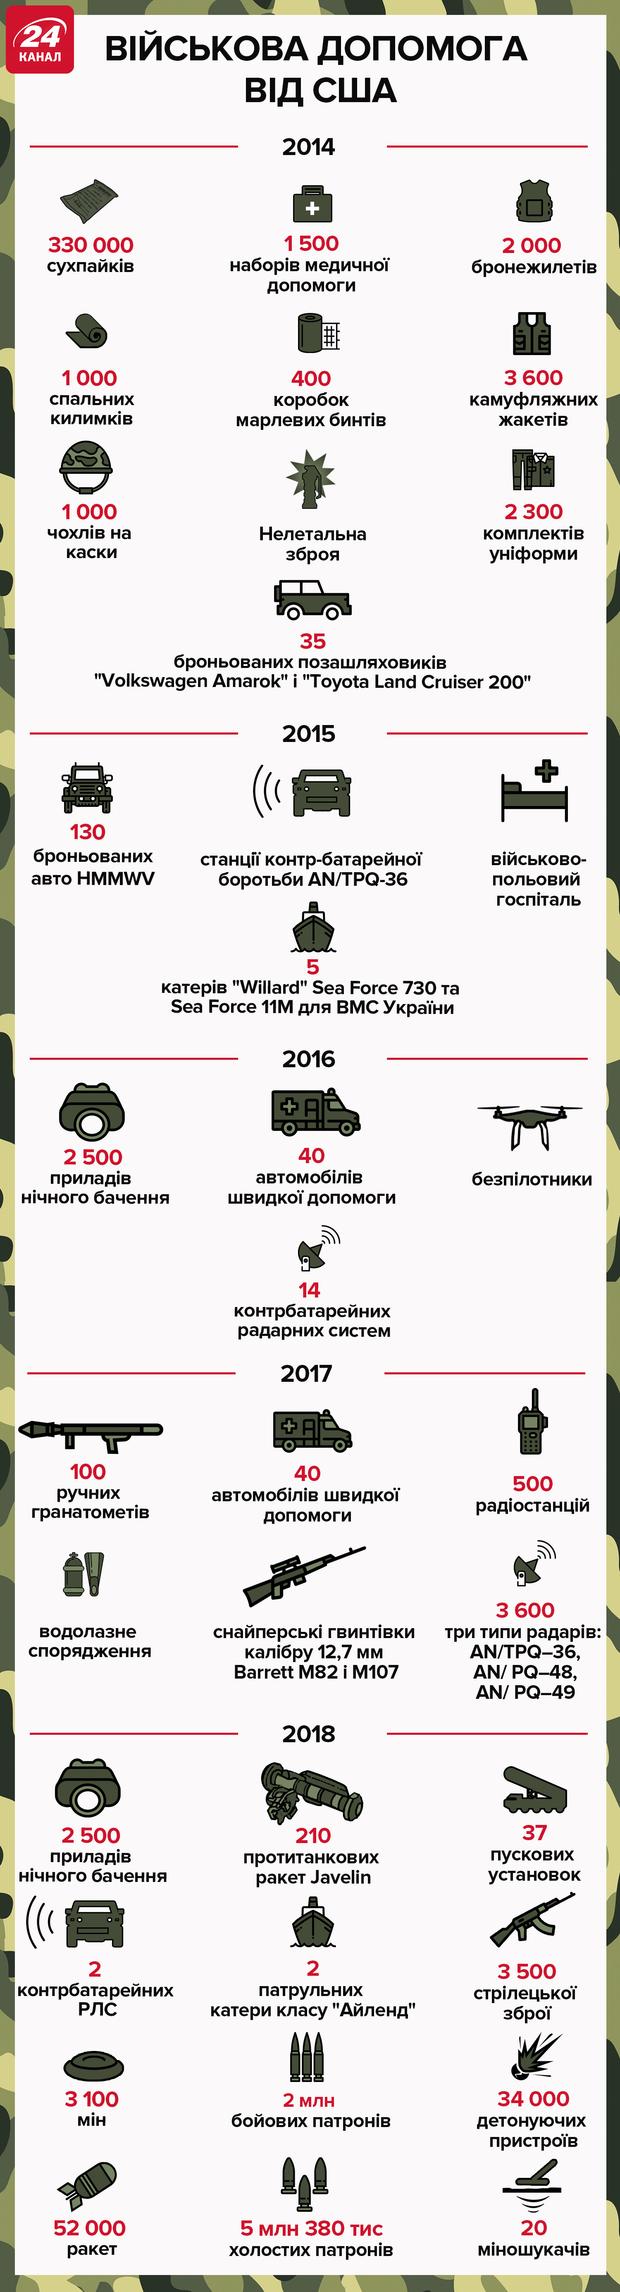 Як США допомагали Україні раніше